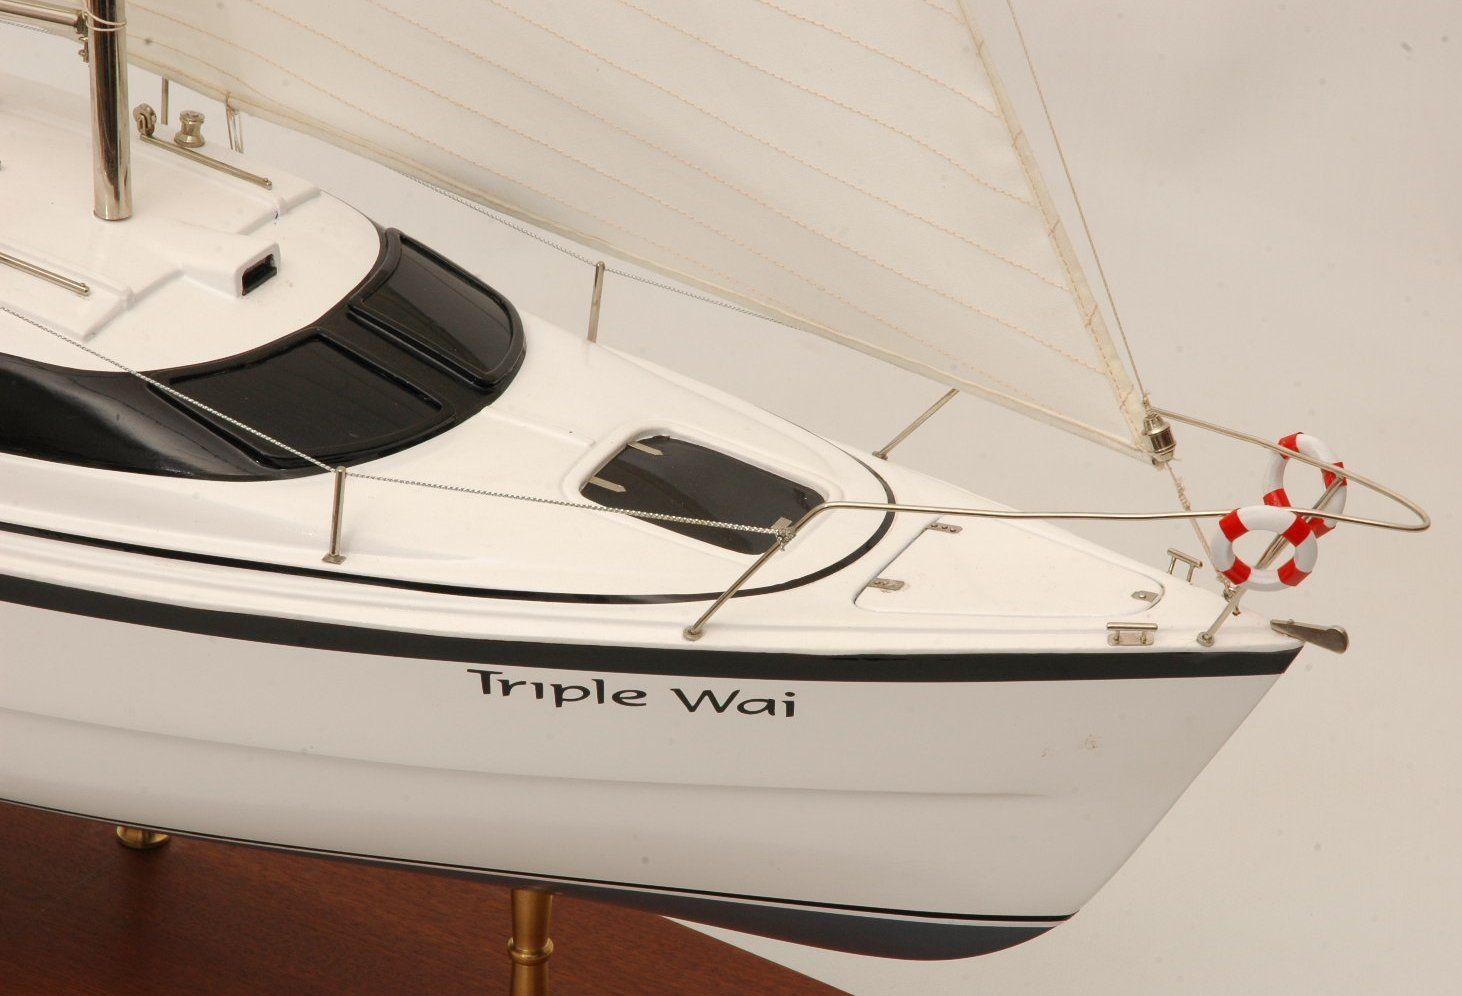 554-5988-Triple-Wai-model-yacht